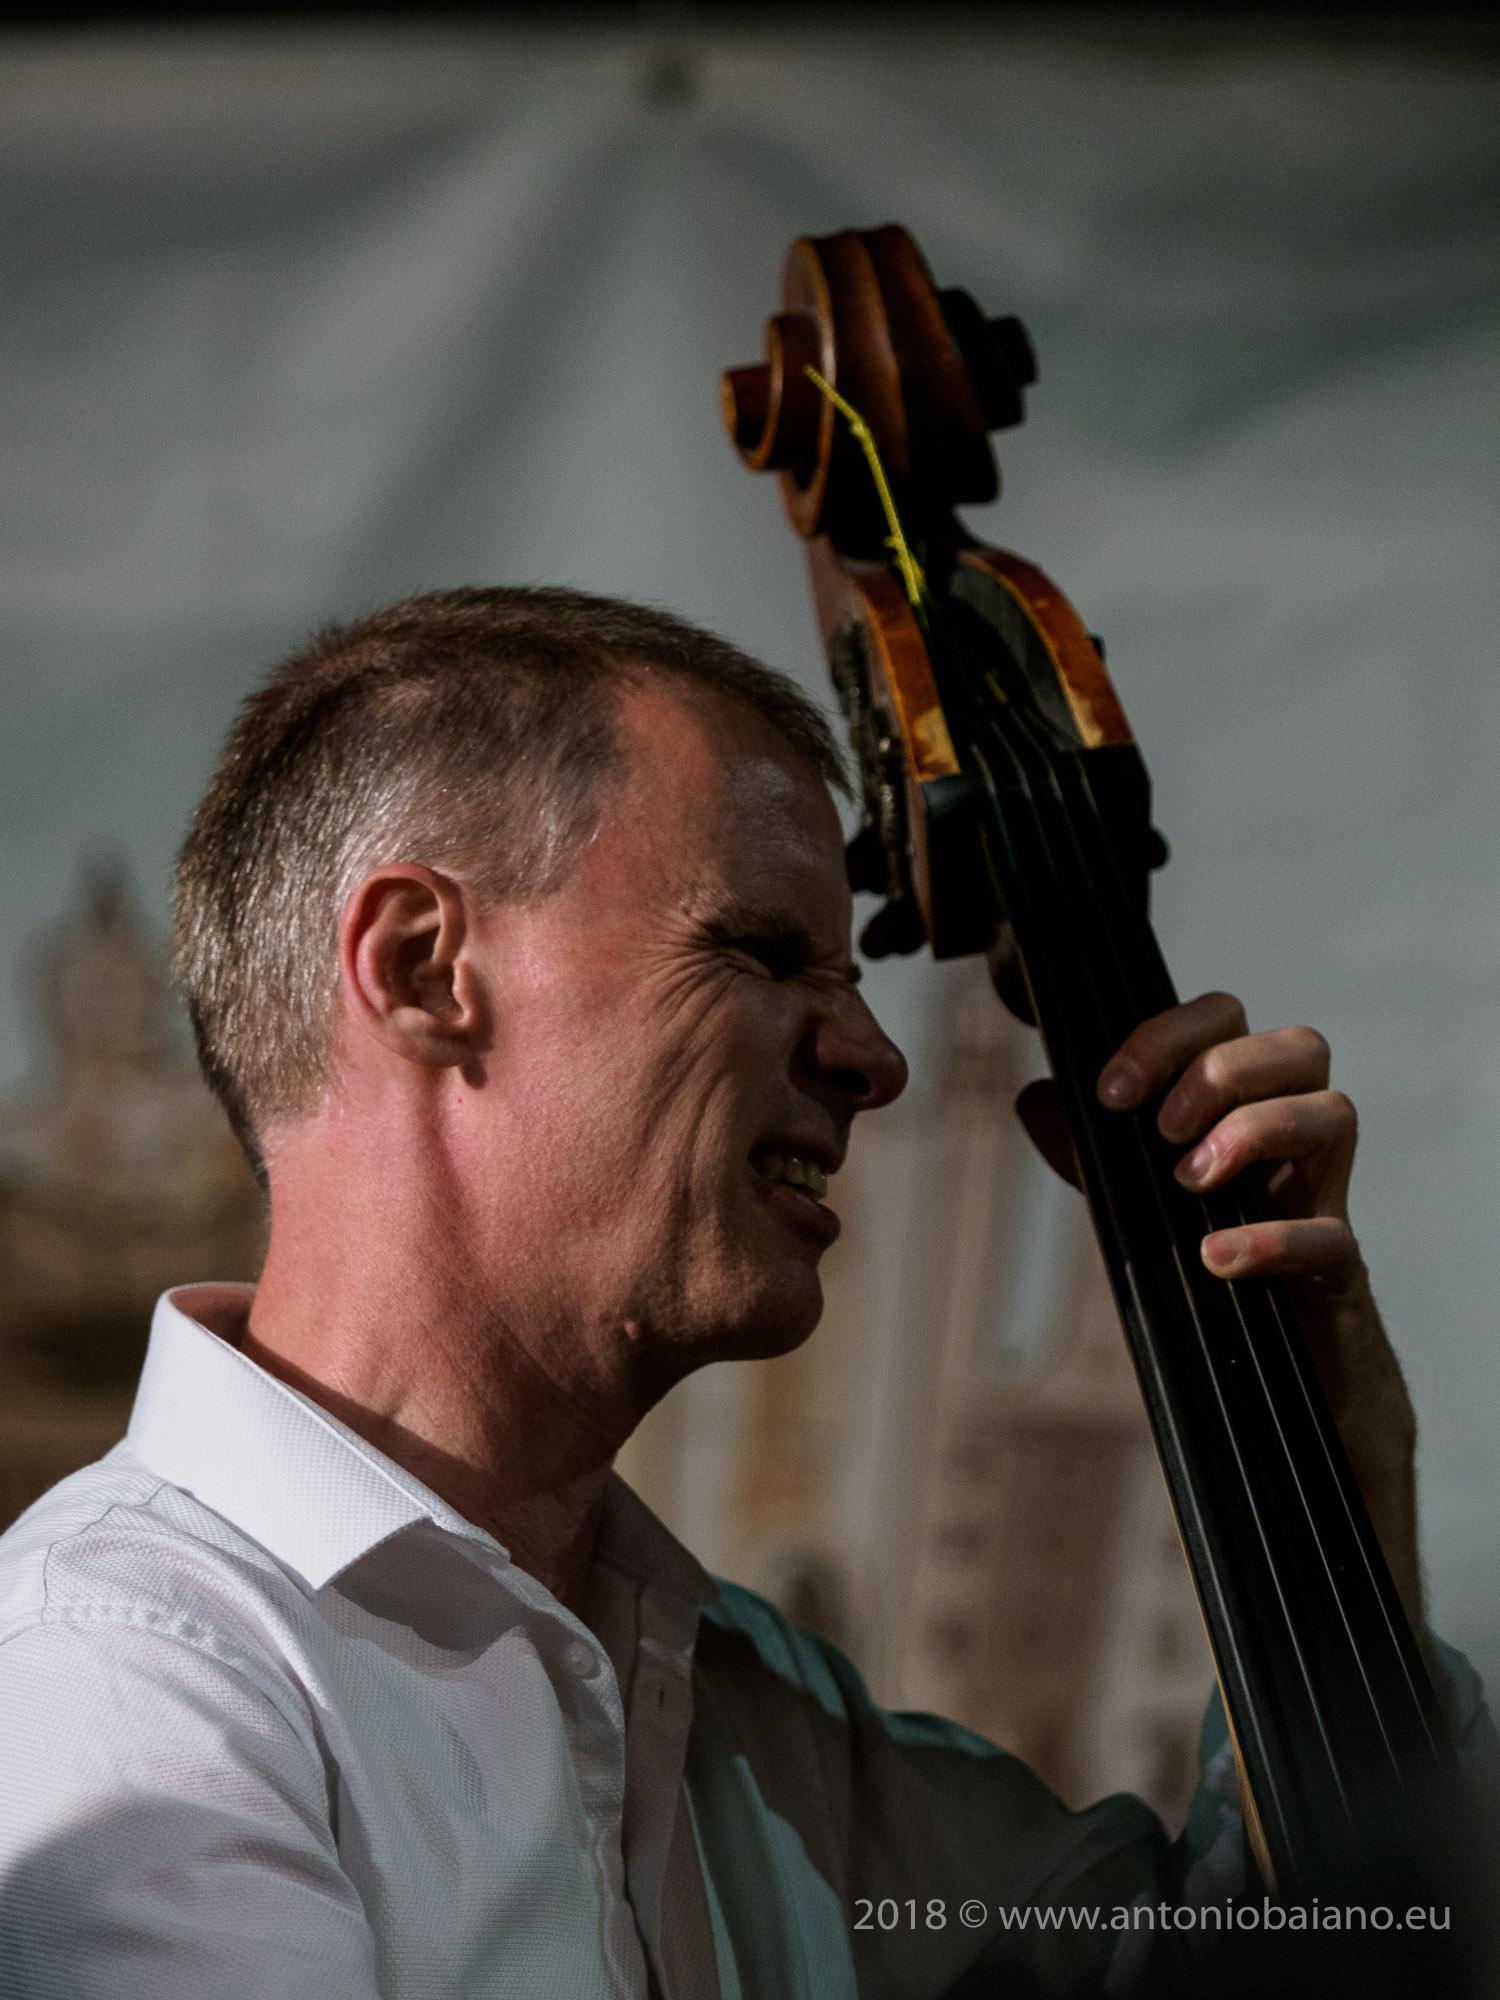 Jonathan Weidenmuller - The Art of the Quartet